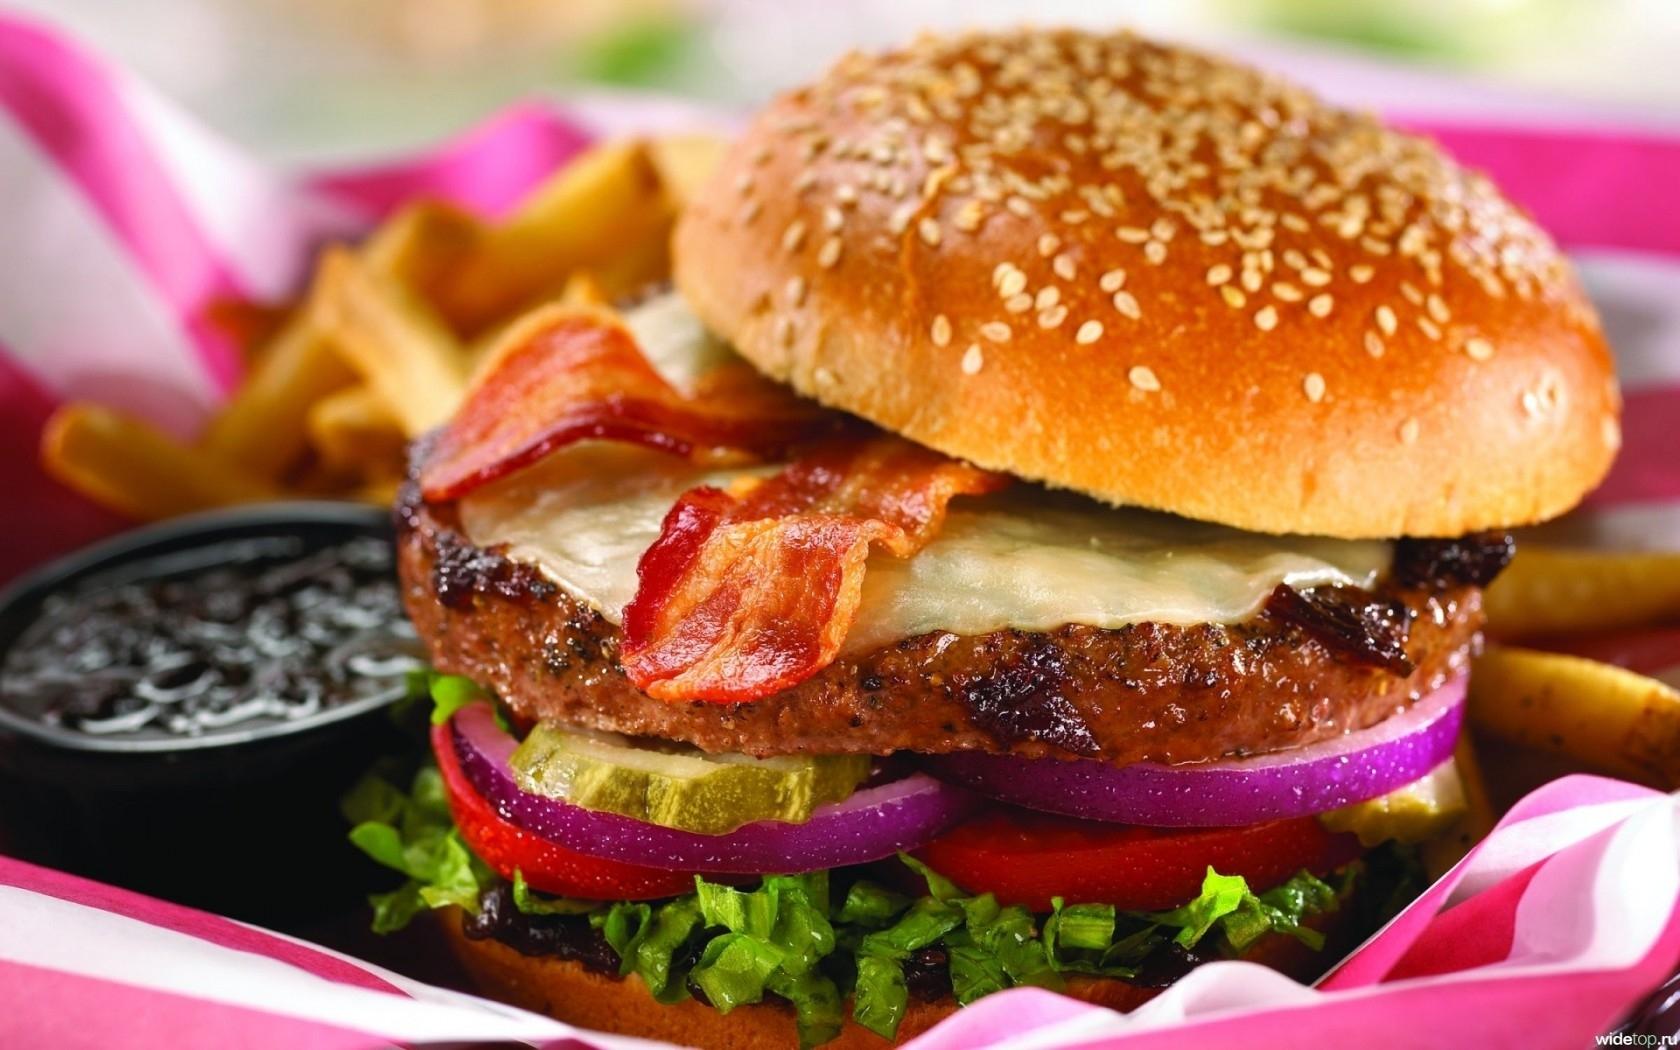 Burger Fast Food HD Wallpaper Yummy Burger Fast Food HD Wallpaper 1680x1050